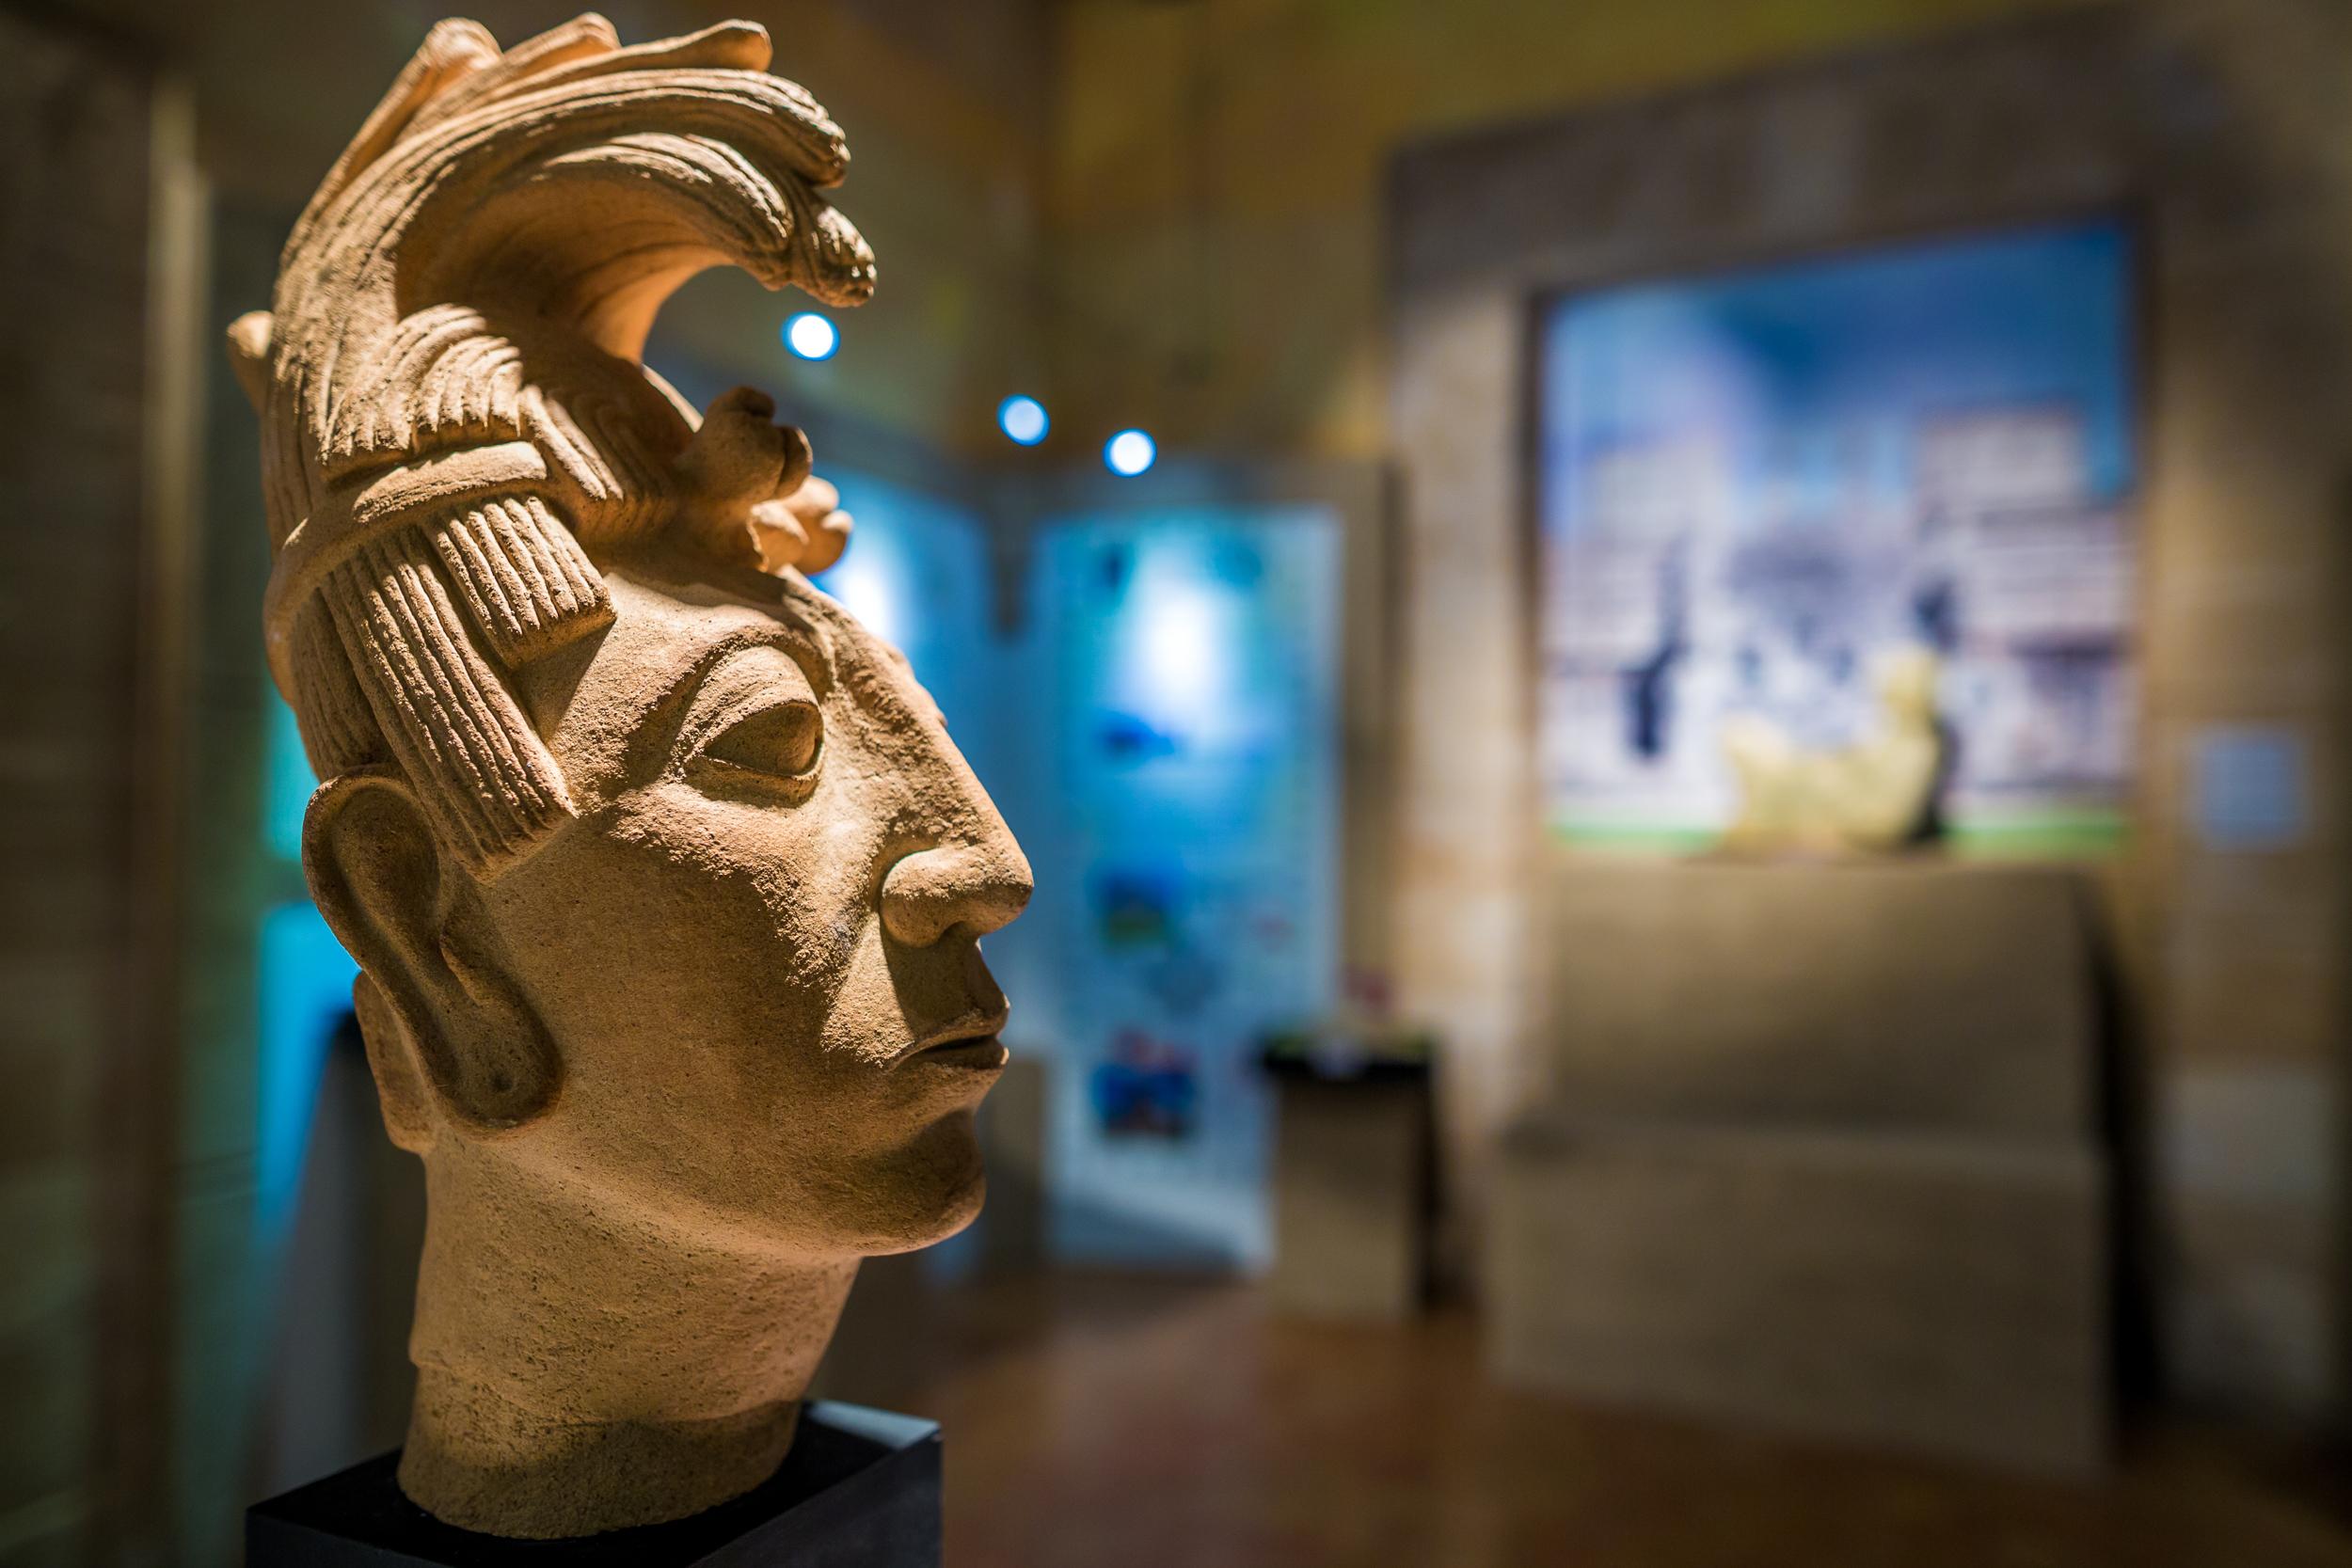 Busto del Rey Pakal de Palenque, reproducido por el joven escultor Franco Melián